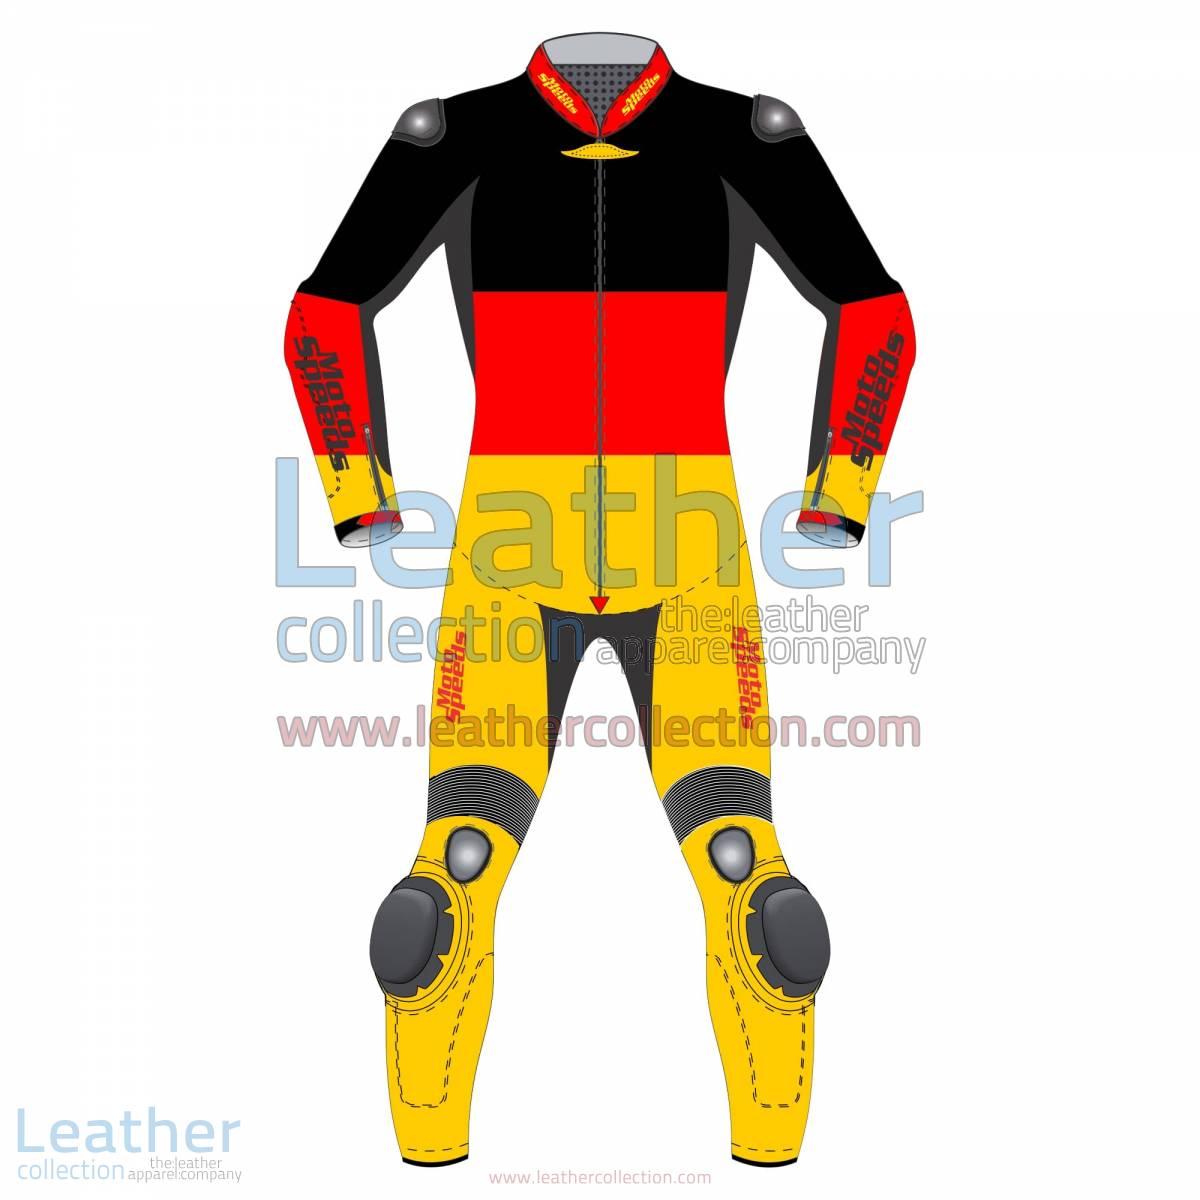 German Flag Motorcycle Racing Suit | motorcycle racing suit